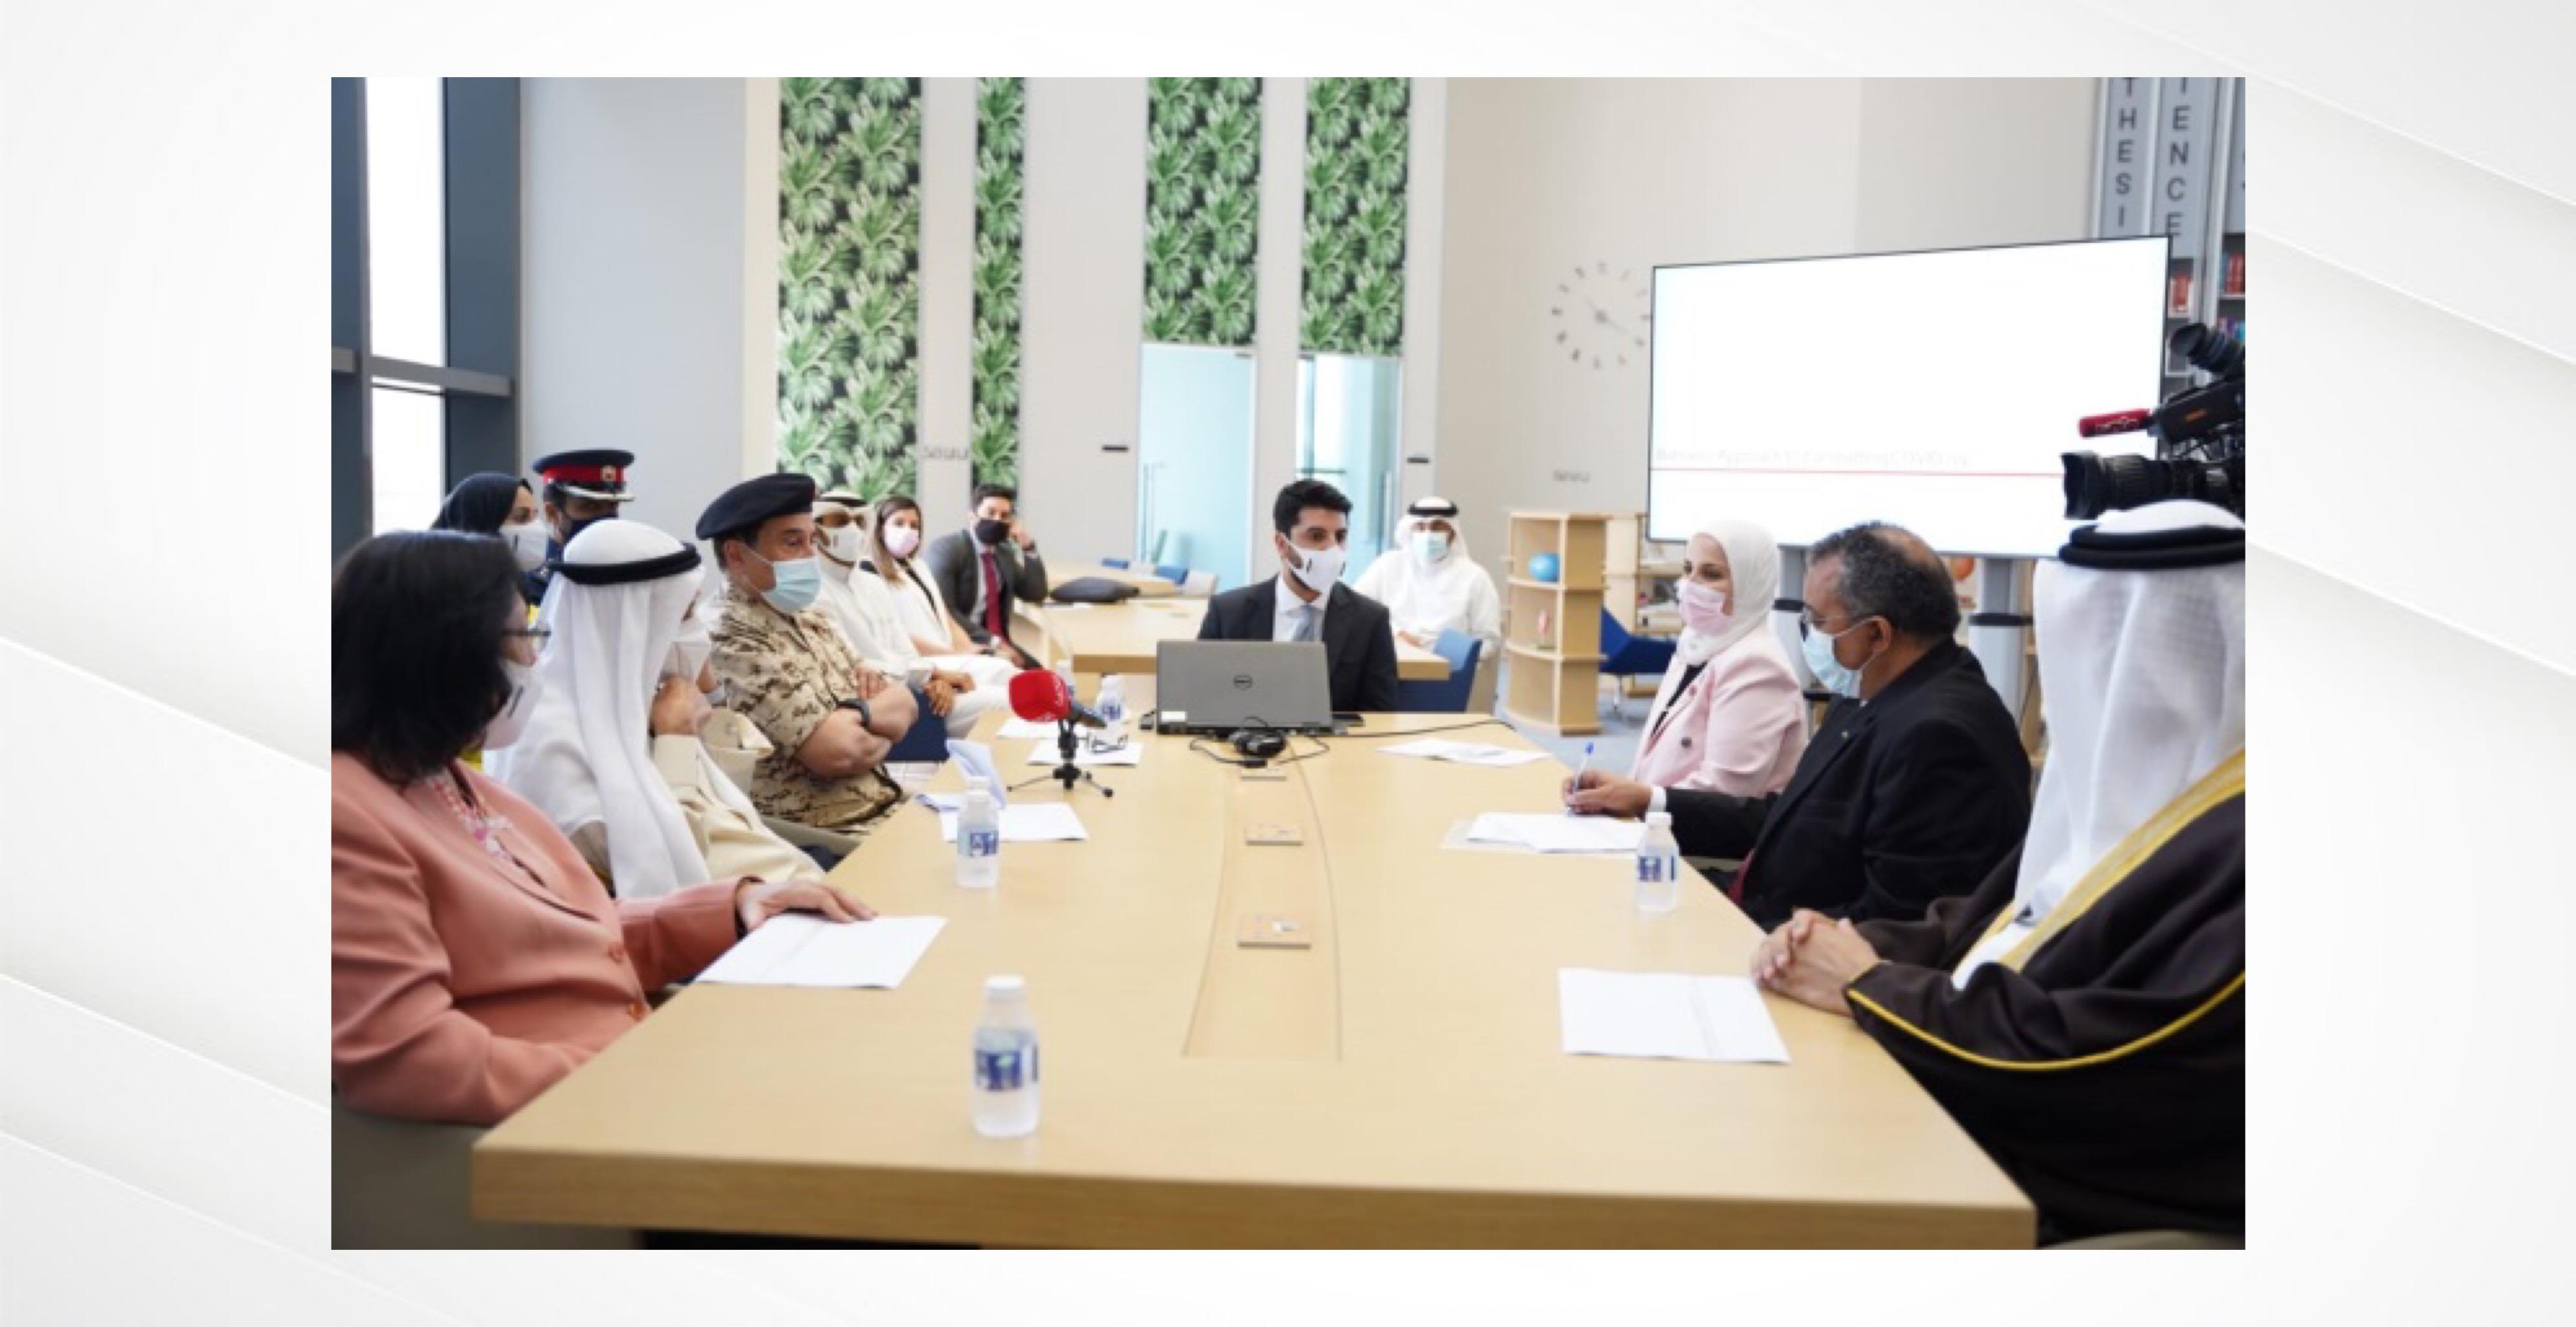 رئيس المجلس الأعلى للصحة: افتتاح المكتب التمثيلي لمنظمة الصحة العالمية يمثل خطوة متقدمة لتعزيز وتيرة التعاون والتنسيق المشترك مع المنظمة